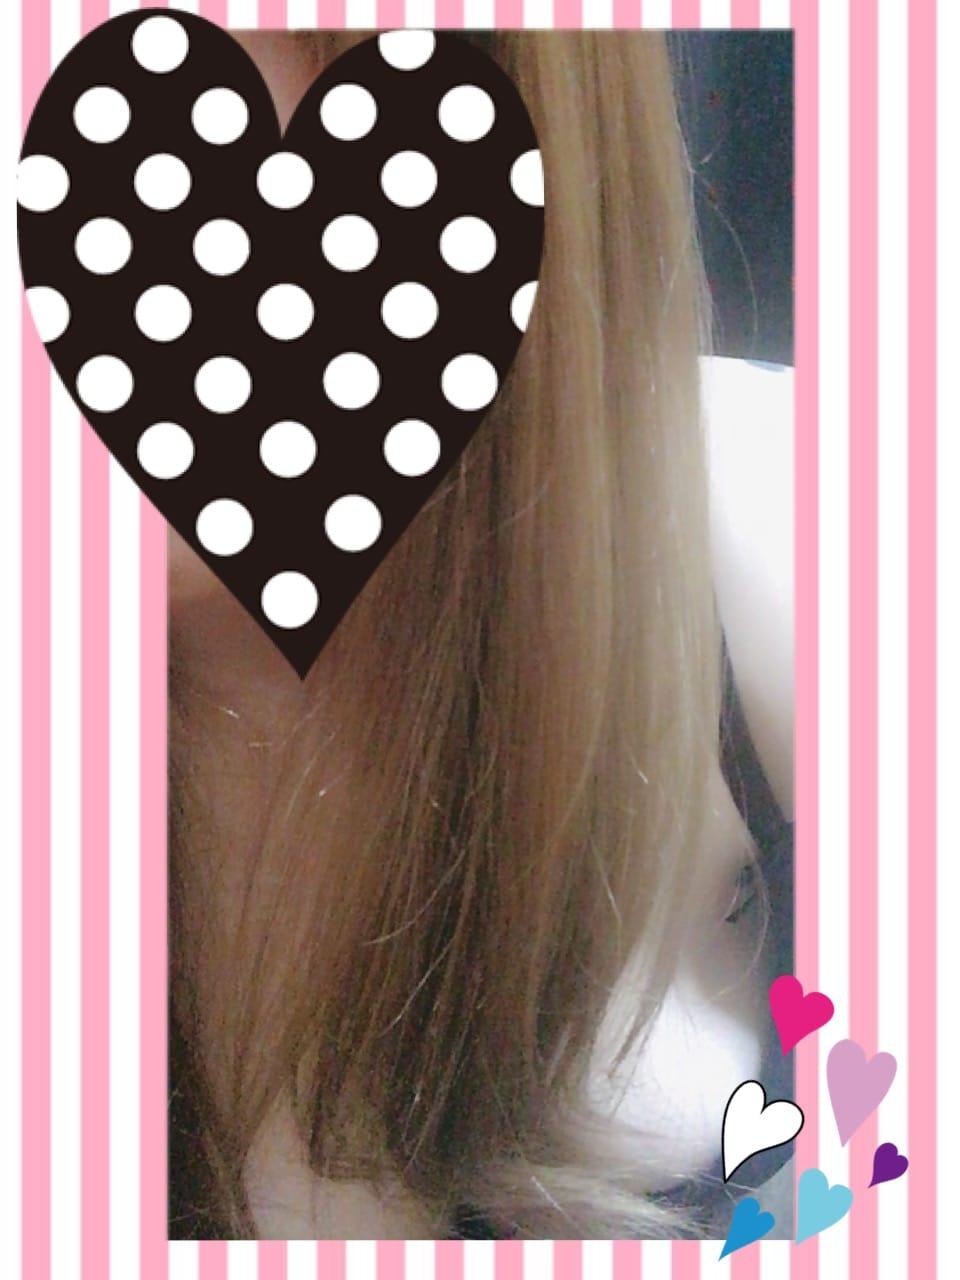 「お礼(୨୧•͈ᴗ•͈)◞ᵗʱᵃᵑᵏઽ*♡」02/08(02/08) 02:27 | ひろみの写メ・風俗動画